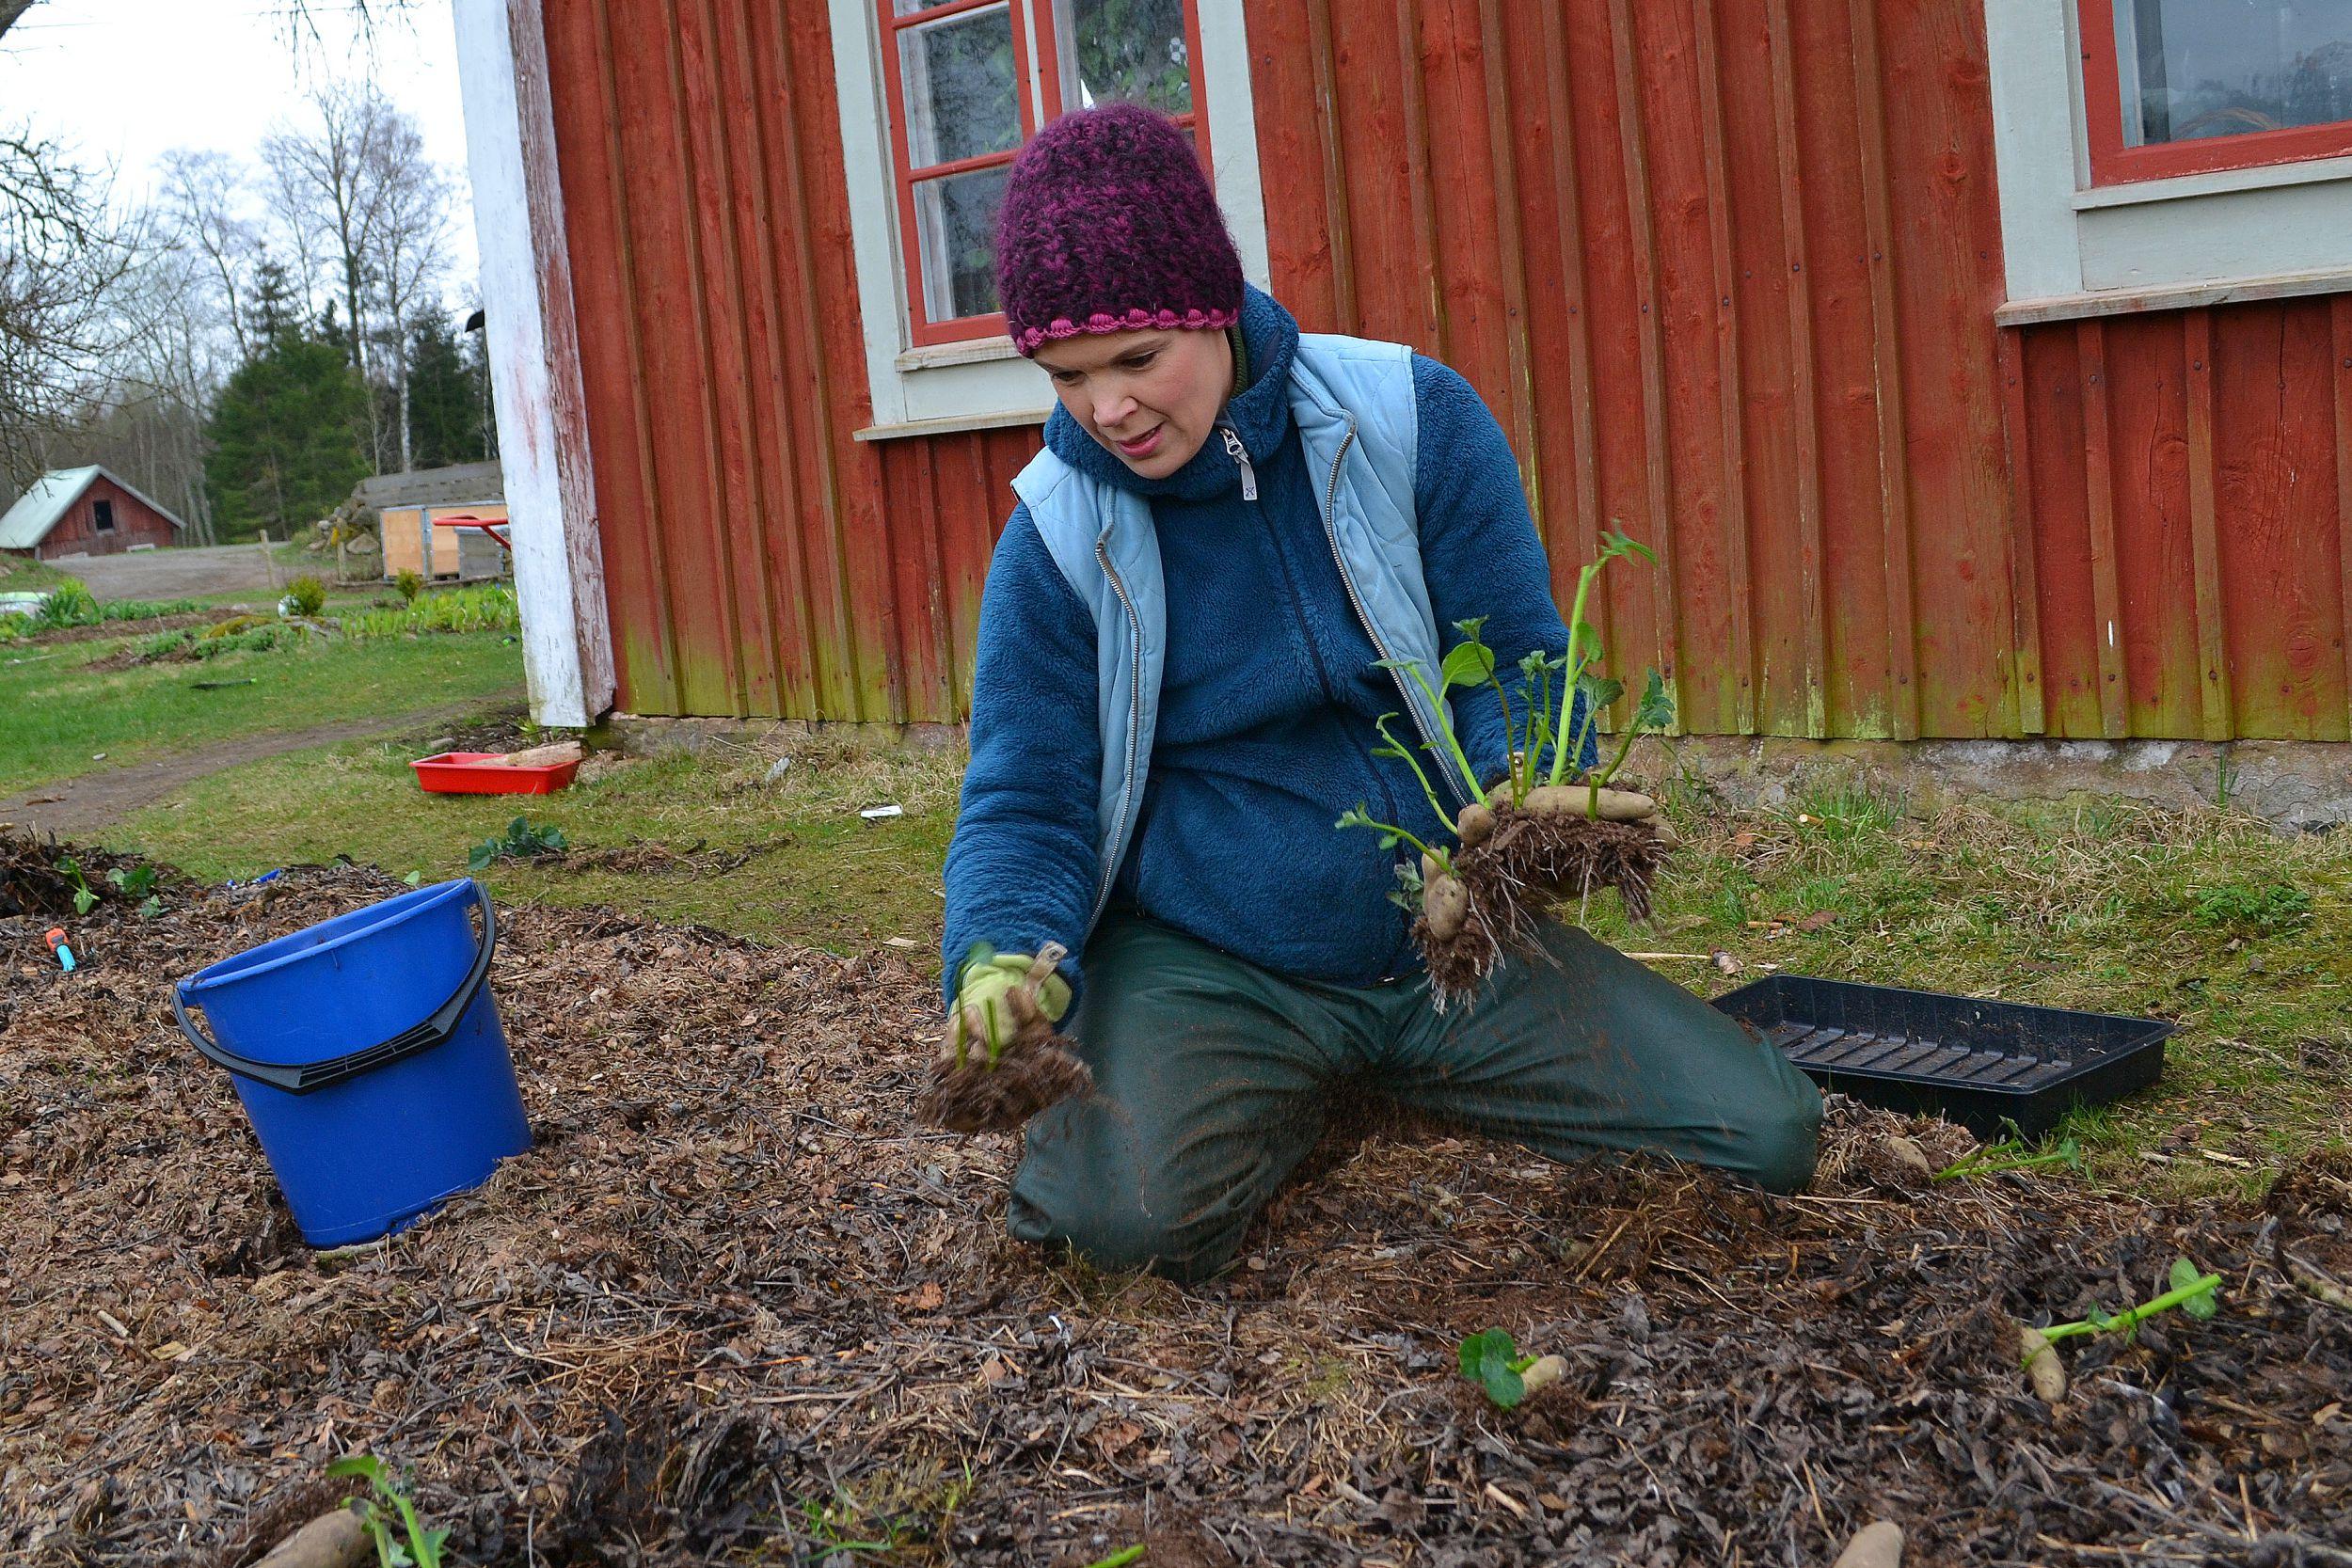 Sara planterar potatis i den täckodlade bädden vid huset.